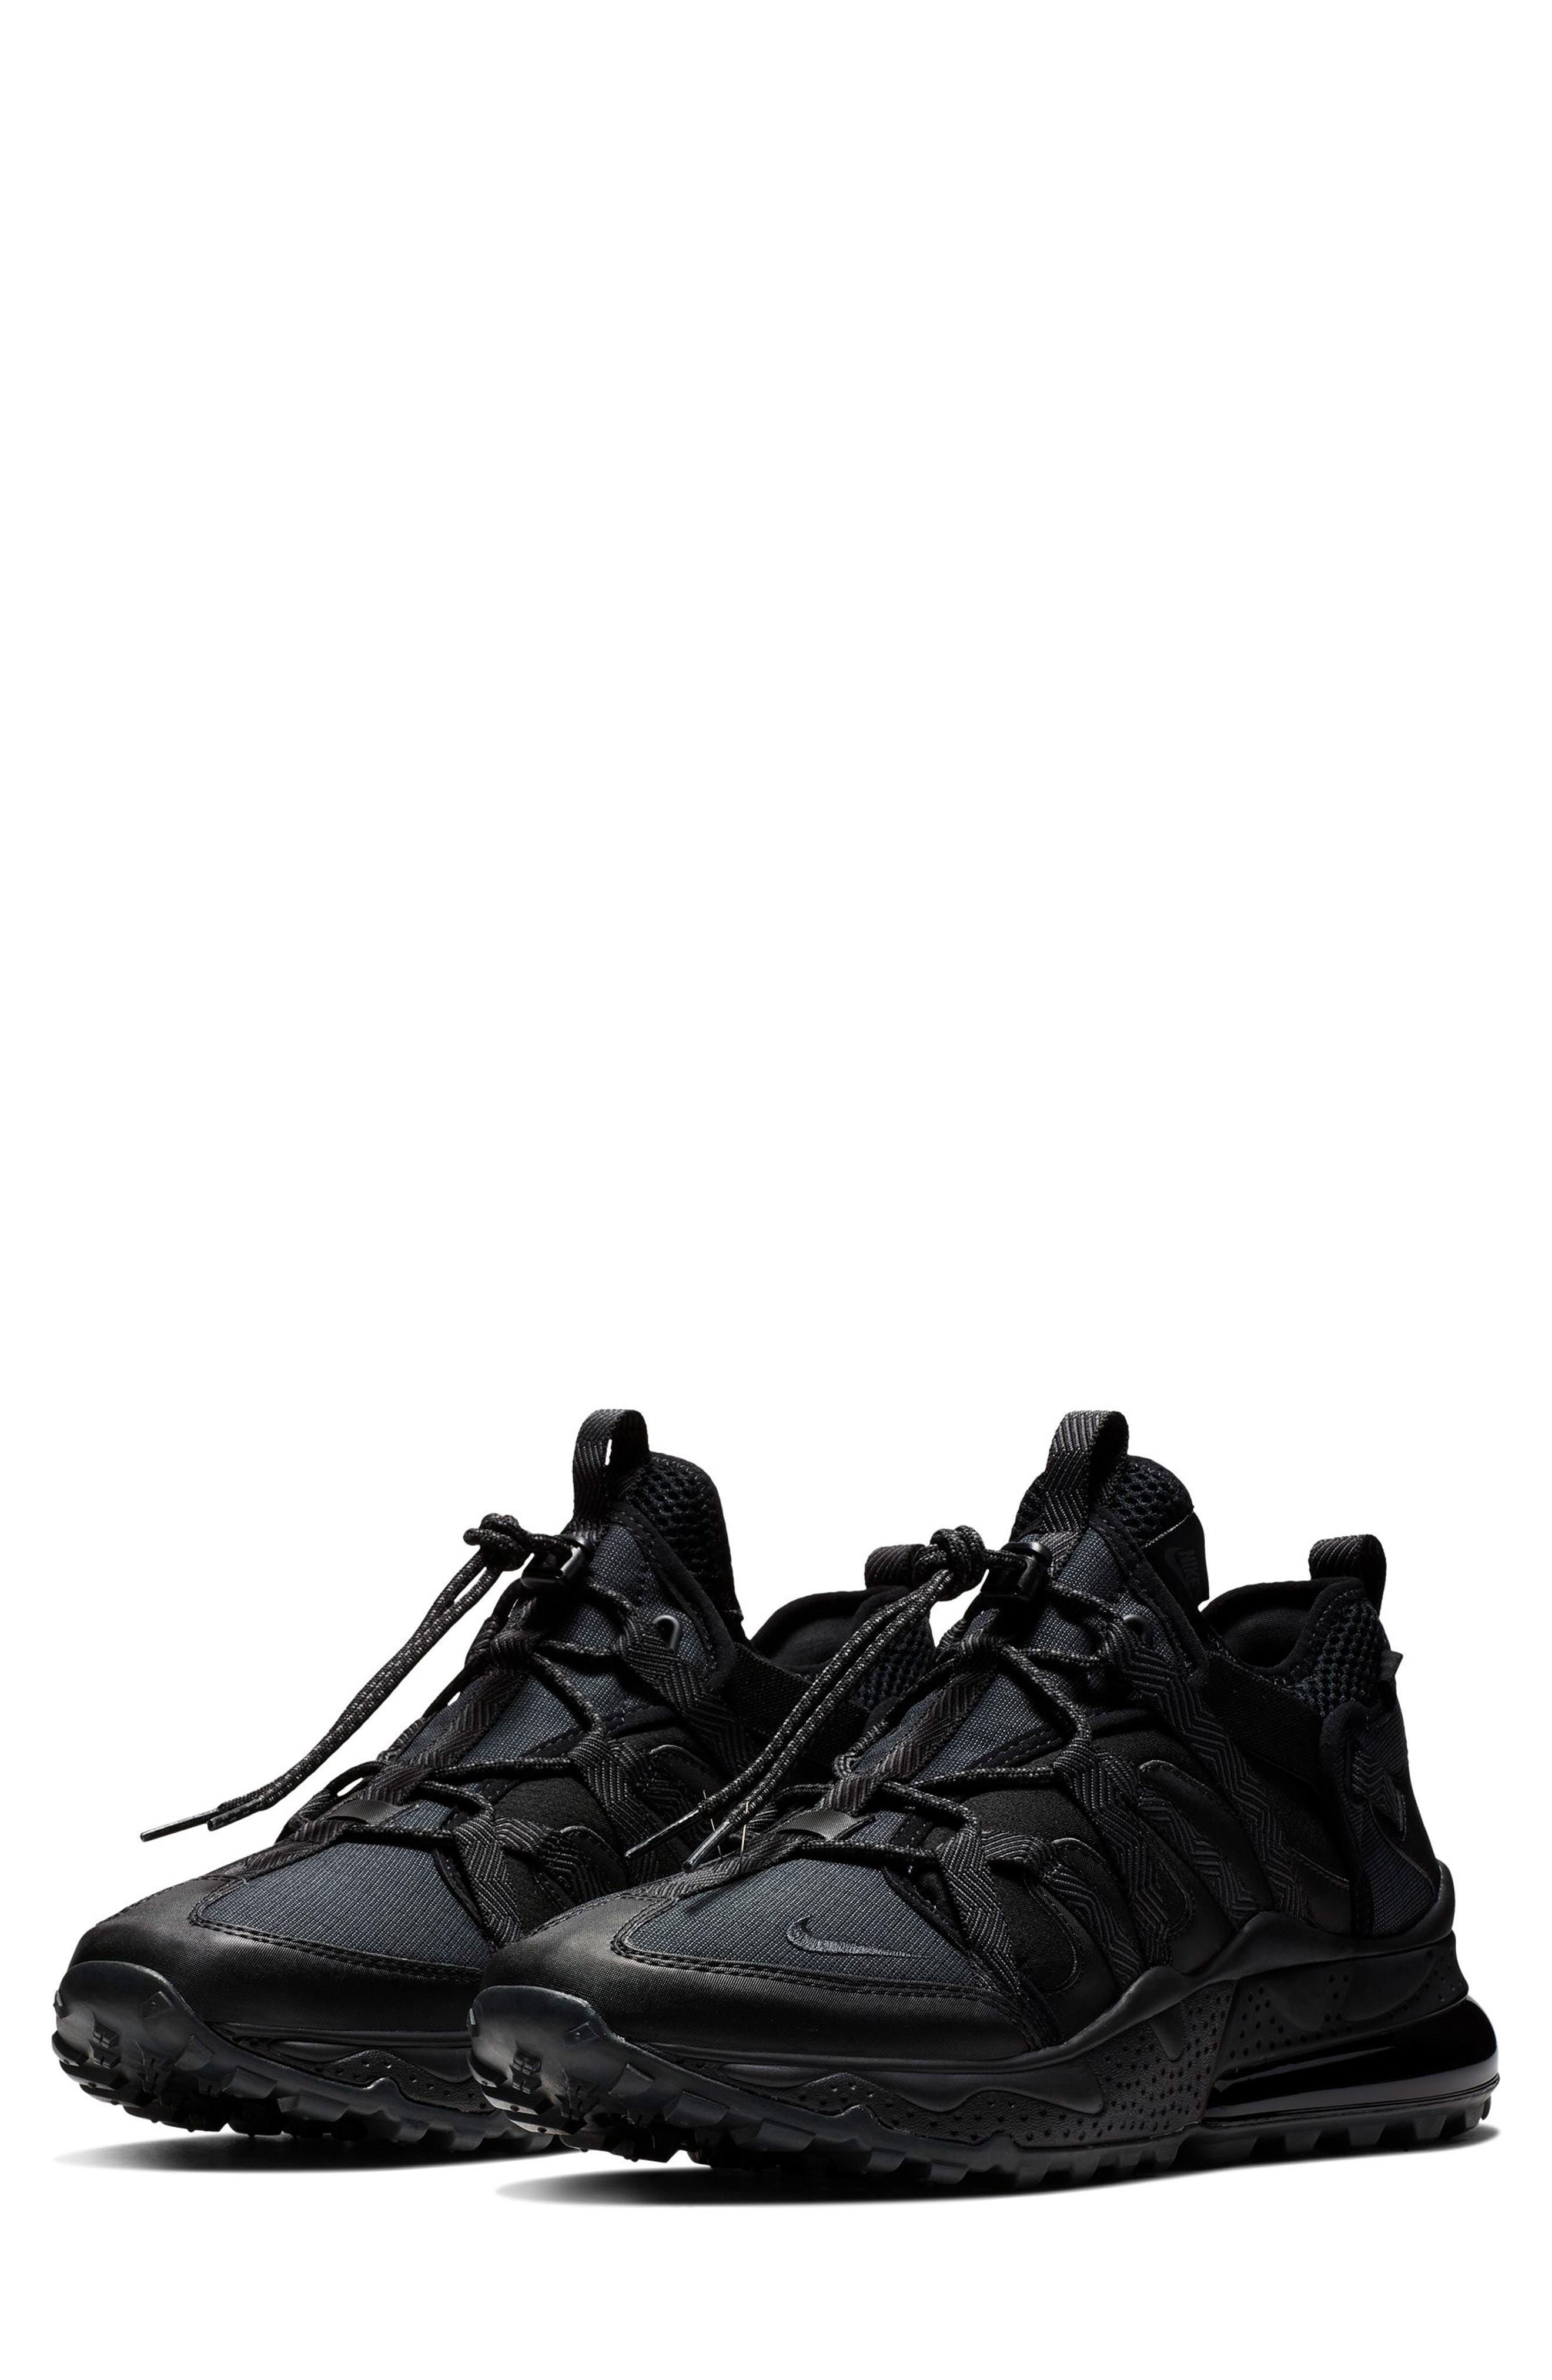 fd56cdee Nike Air Max 270 Bowfin Sneaker, $160 | Nordstrom | Lookastic.com